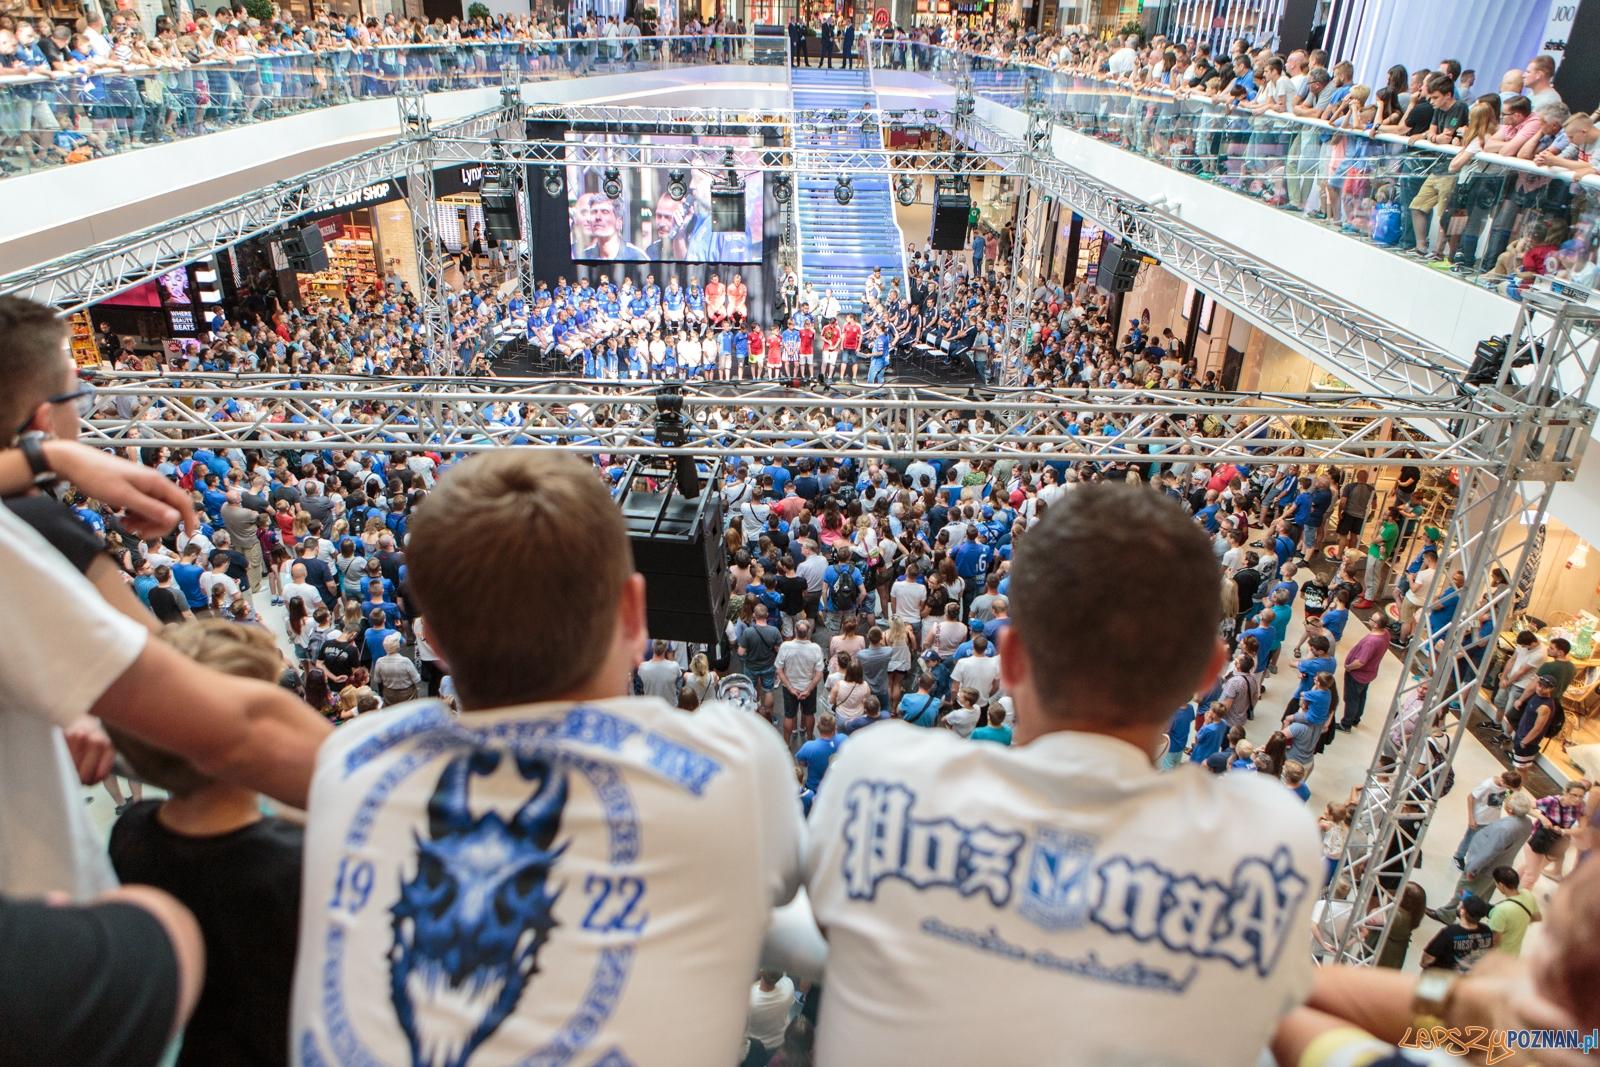 Prezentacja drużyny Lech Poznań przed sezonem 2017/18 - Pozna  Foto: LepszyPOZNAN.pl / Paweł Rychter